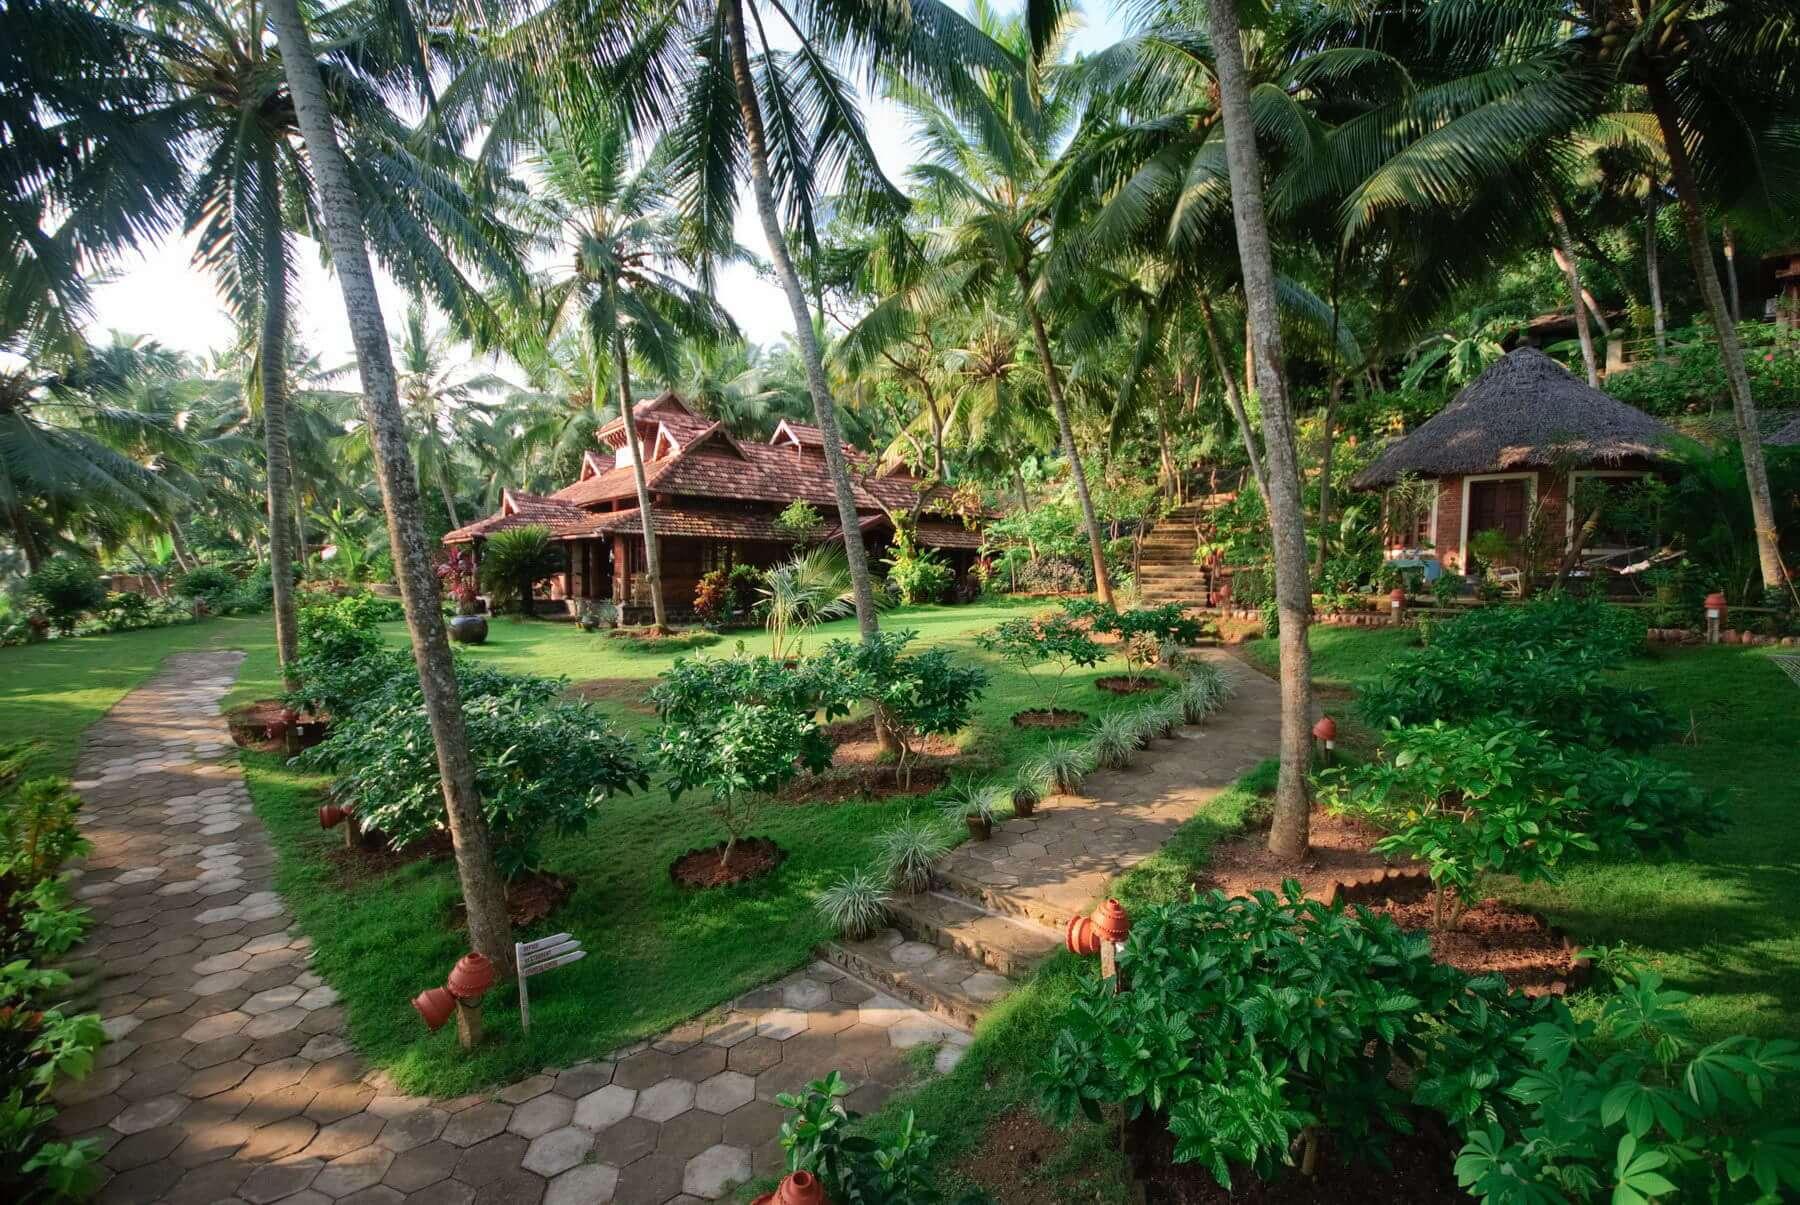 Alle Unterkünfte im Somatheeram Ayurvedic Health Resort sind in eine liebevoll gestaltete Gartenanlage eingebettet.